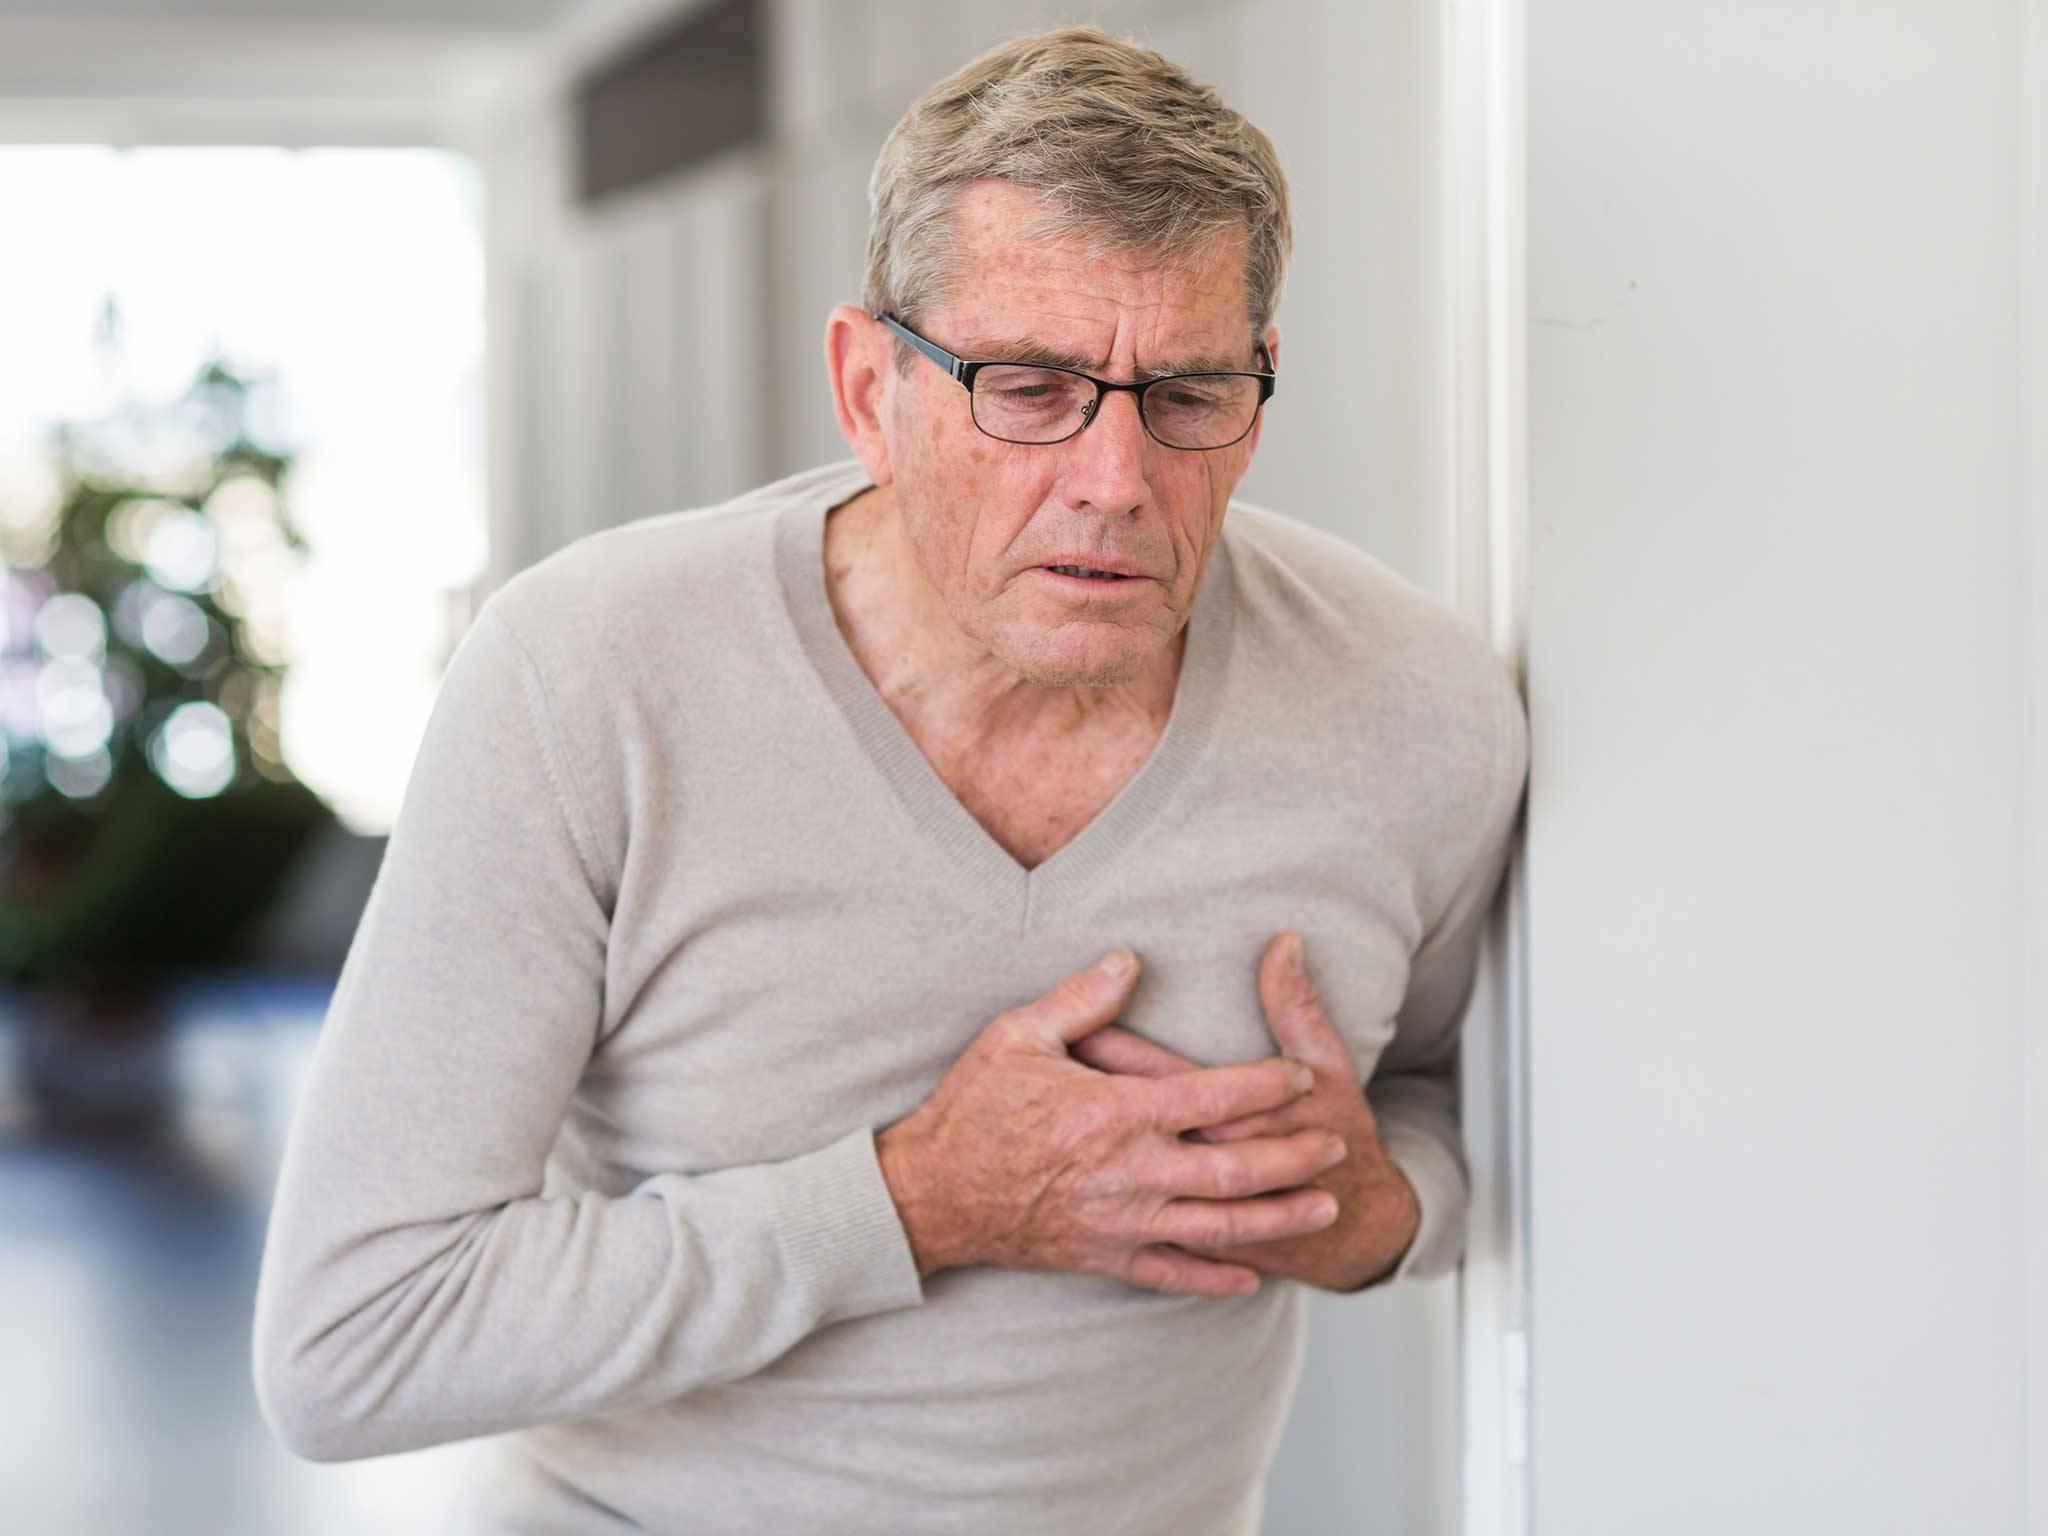 الضغوط المالية تزيد خطر الإصابة بالأزمات القلبية 13 ضعفا